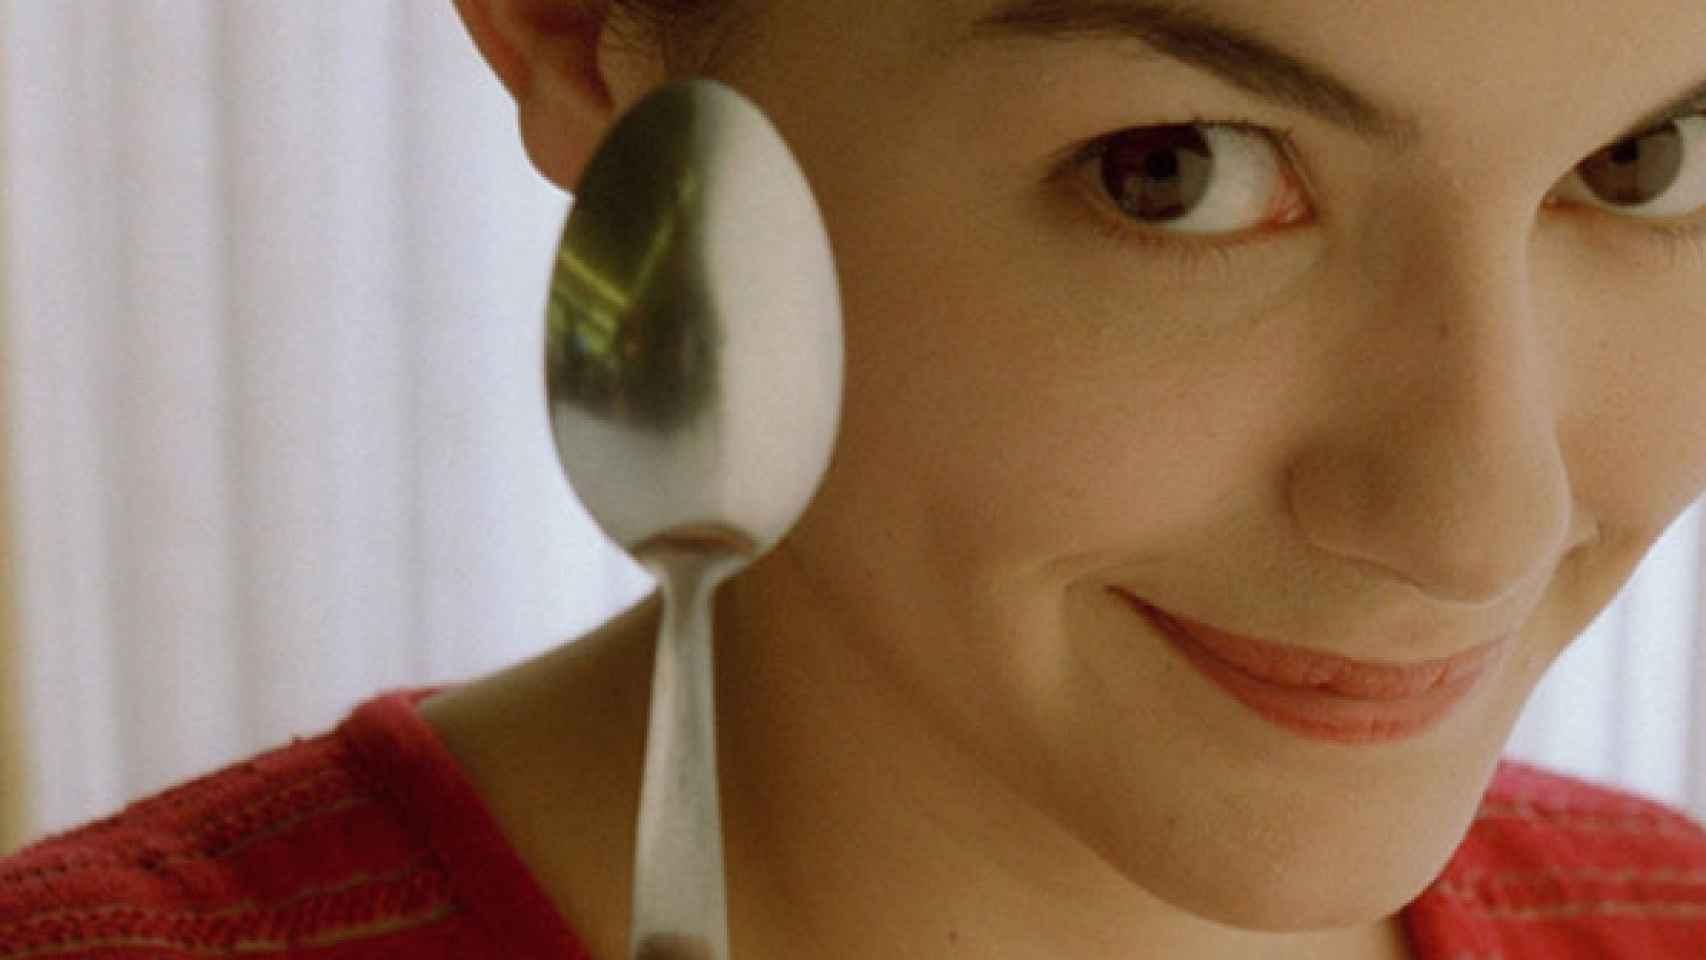 Ricos en vitaminas A y E, antioxidantes y minerales; hacemos una selección de los alimentos fundamentales para nutrir nuestro organismo y conseguir un aspecto terso, luminoso y bronceado.  Imagen de la película Amélie (2001).